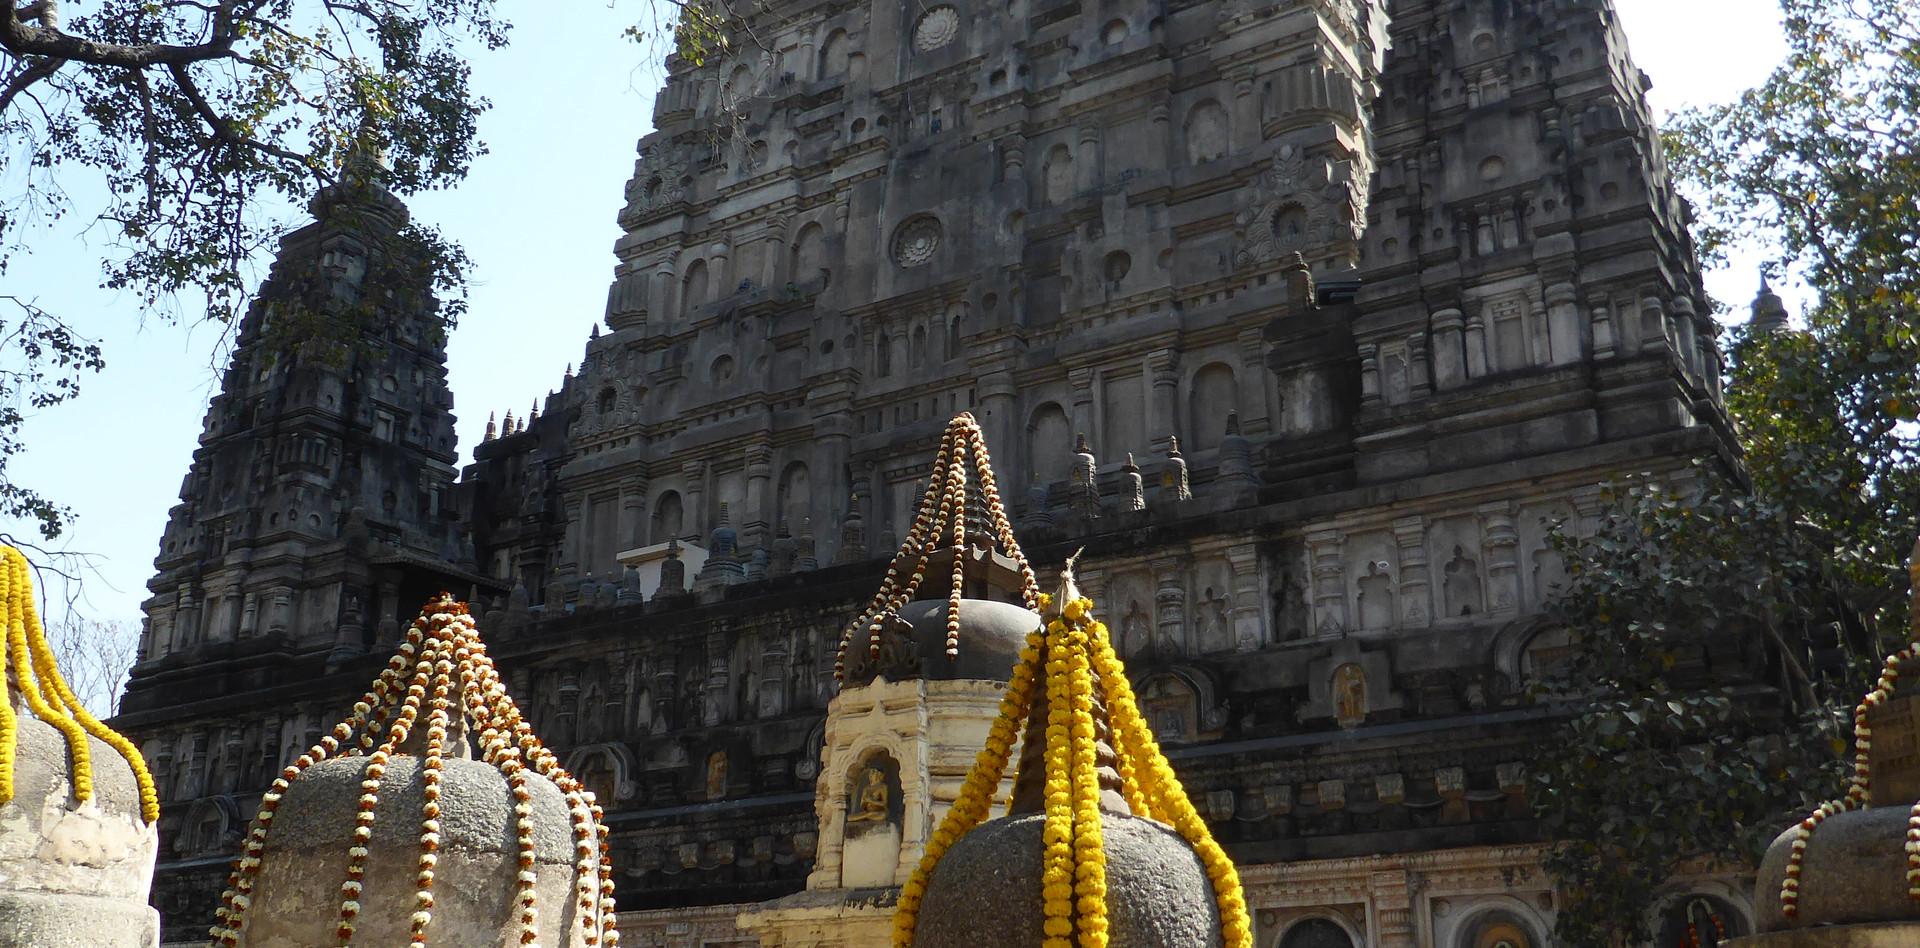 Stupas in Bodhgaya